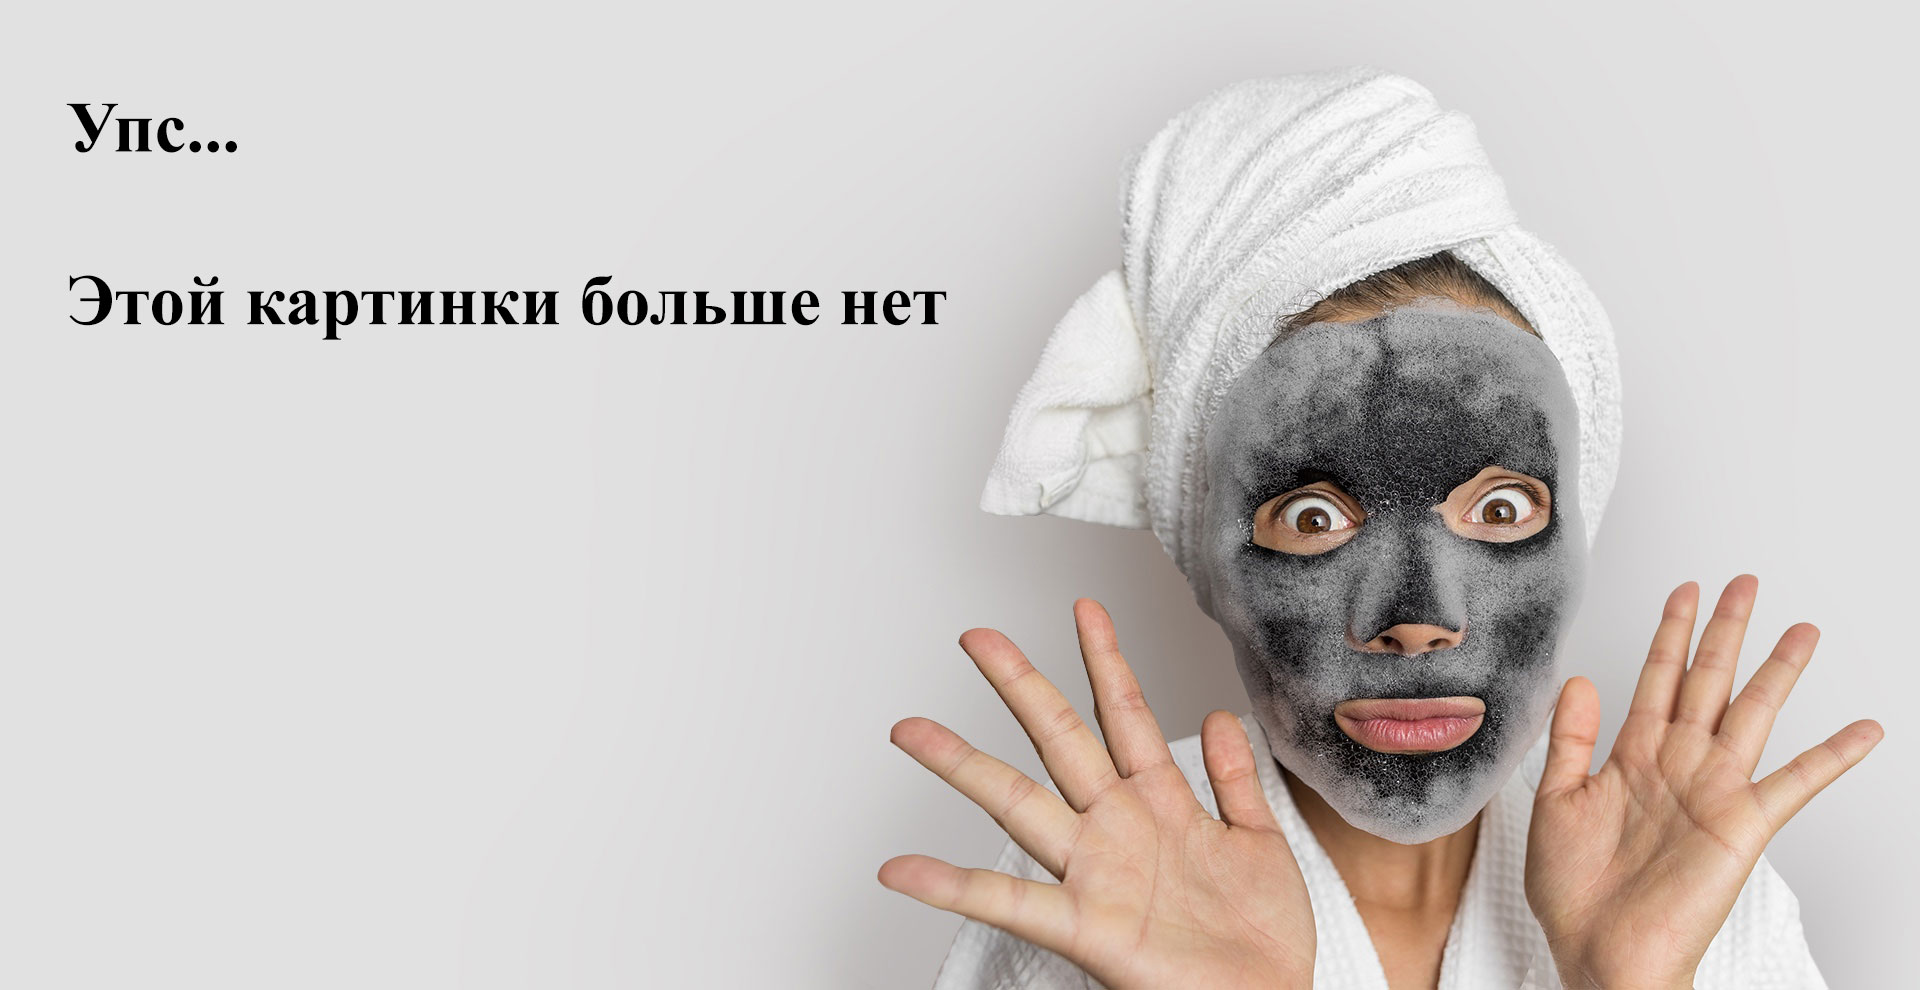 Lucas Cosmetics, Мыло для укладки бровей True&Natural, 35 г